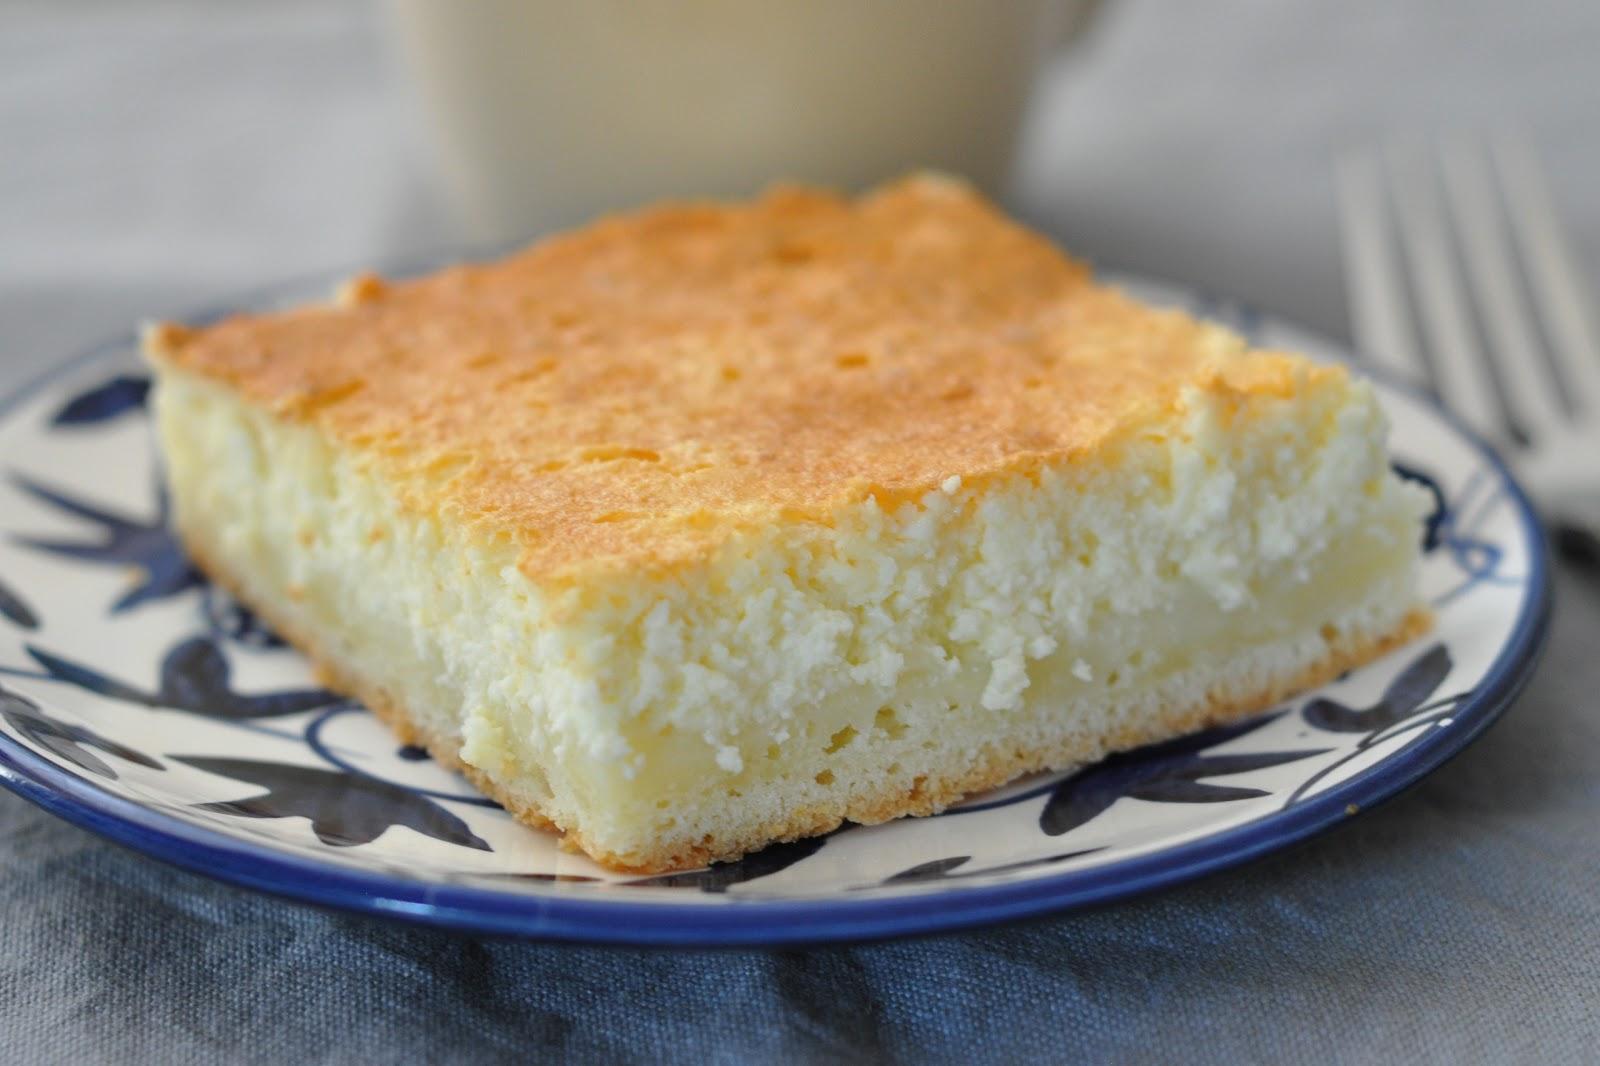 Mennonite Girls Can Cook: German Cheese Cake (Quark Kuchen)